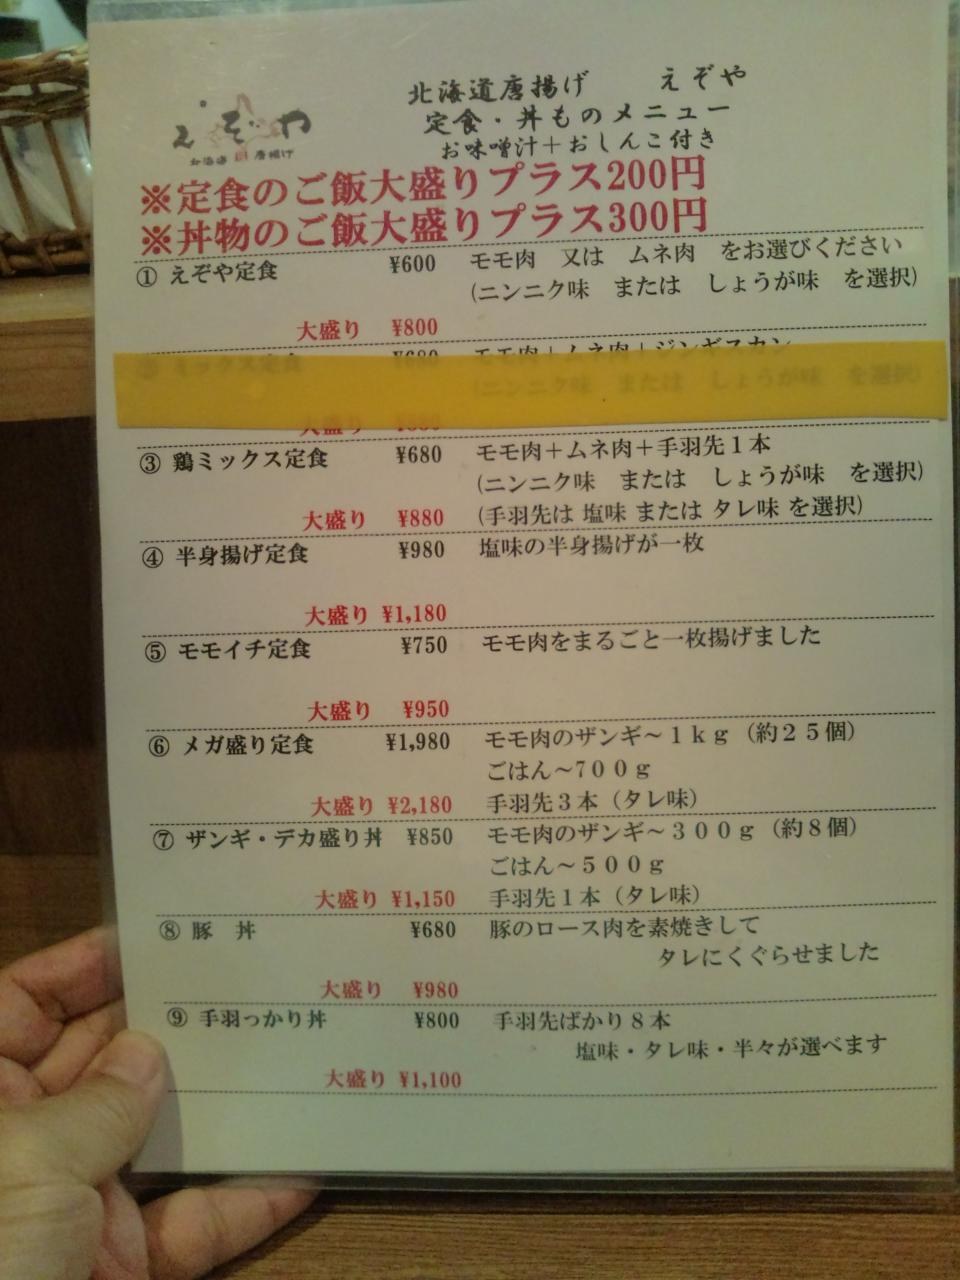 えぞや六角橋店(メニュー)